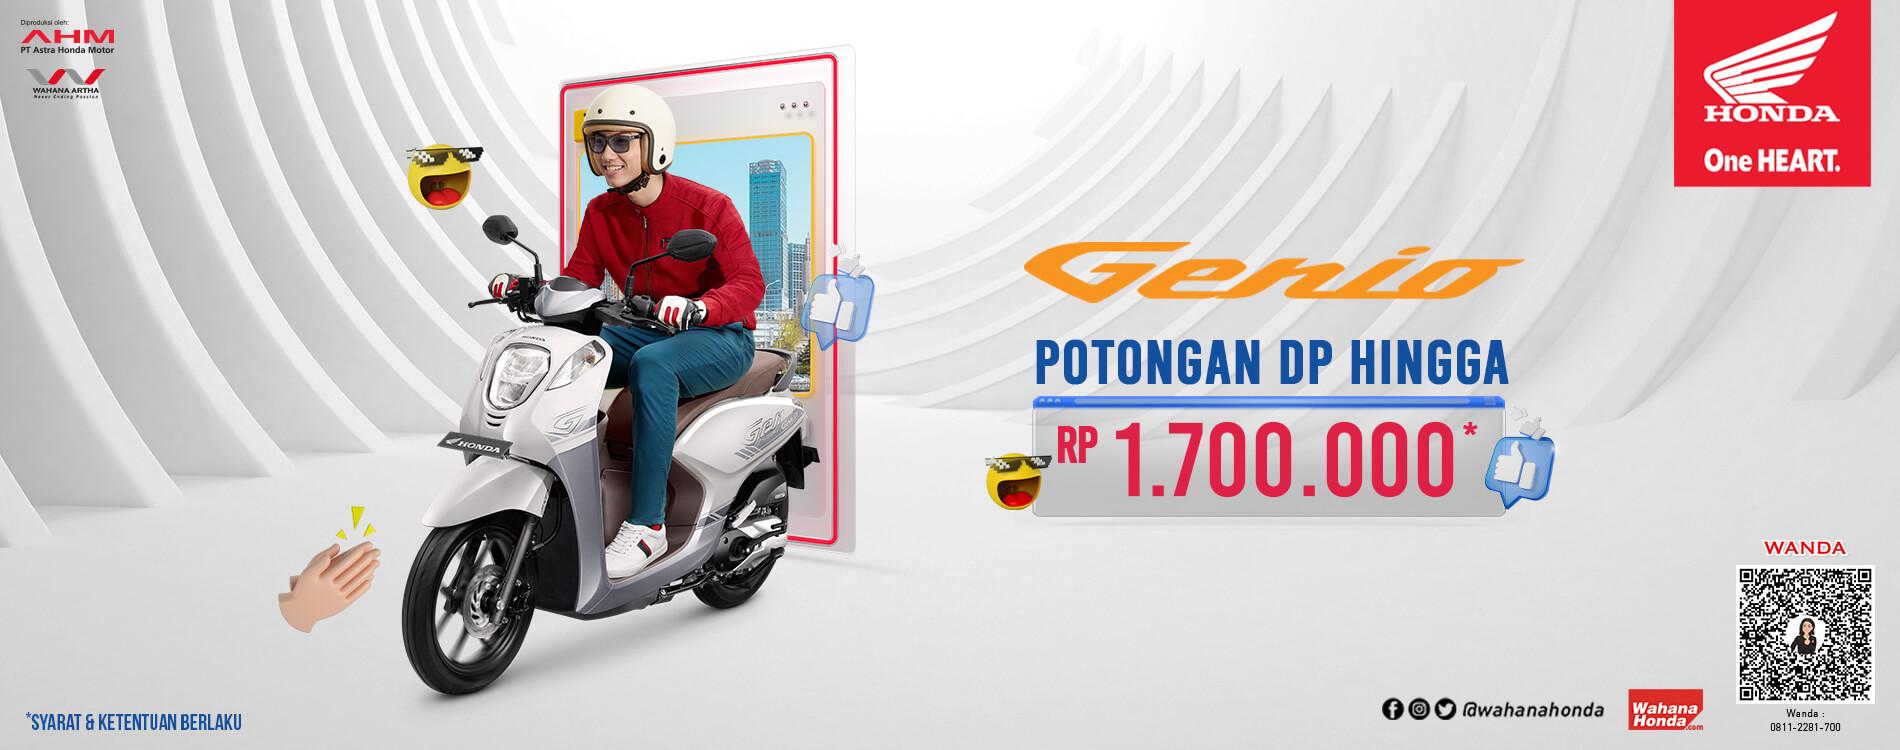 Promo Honda Genio - Periode April 2021